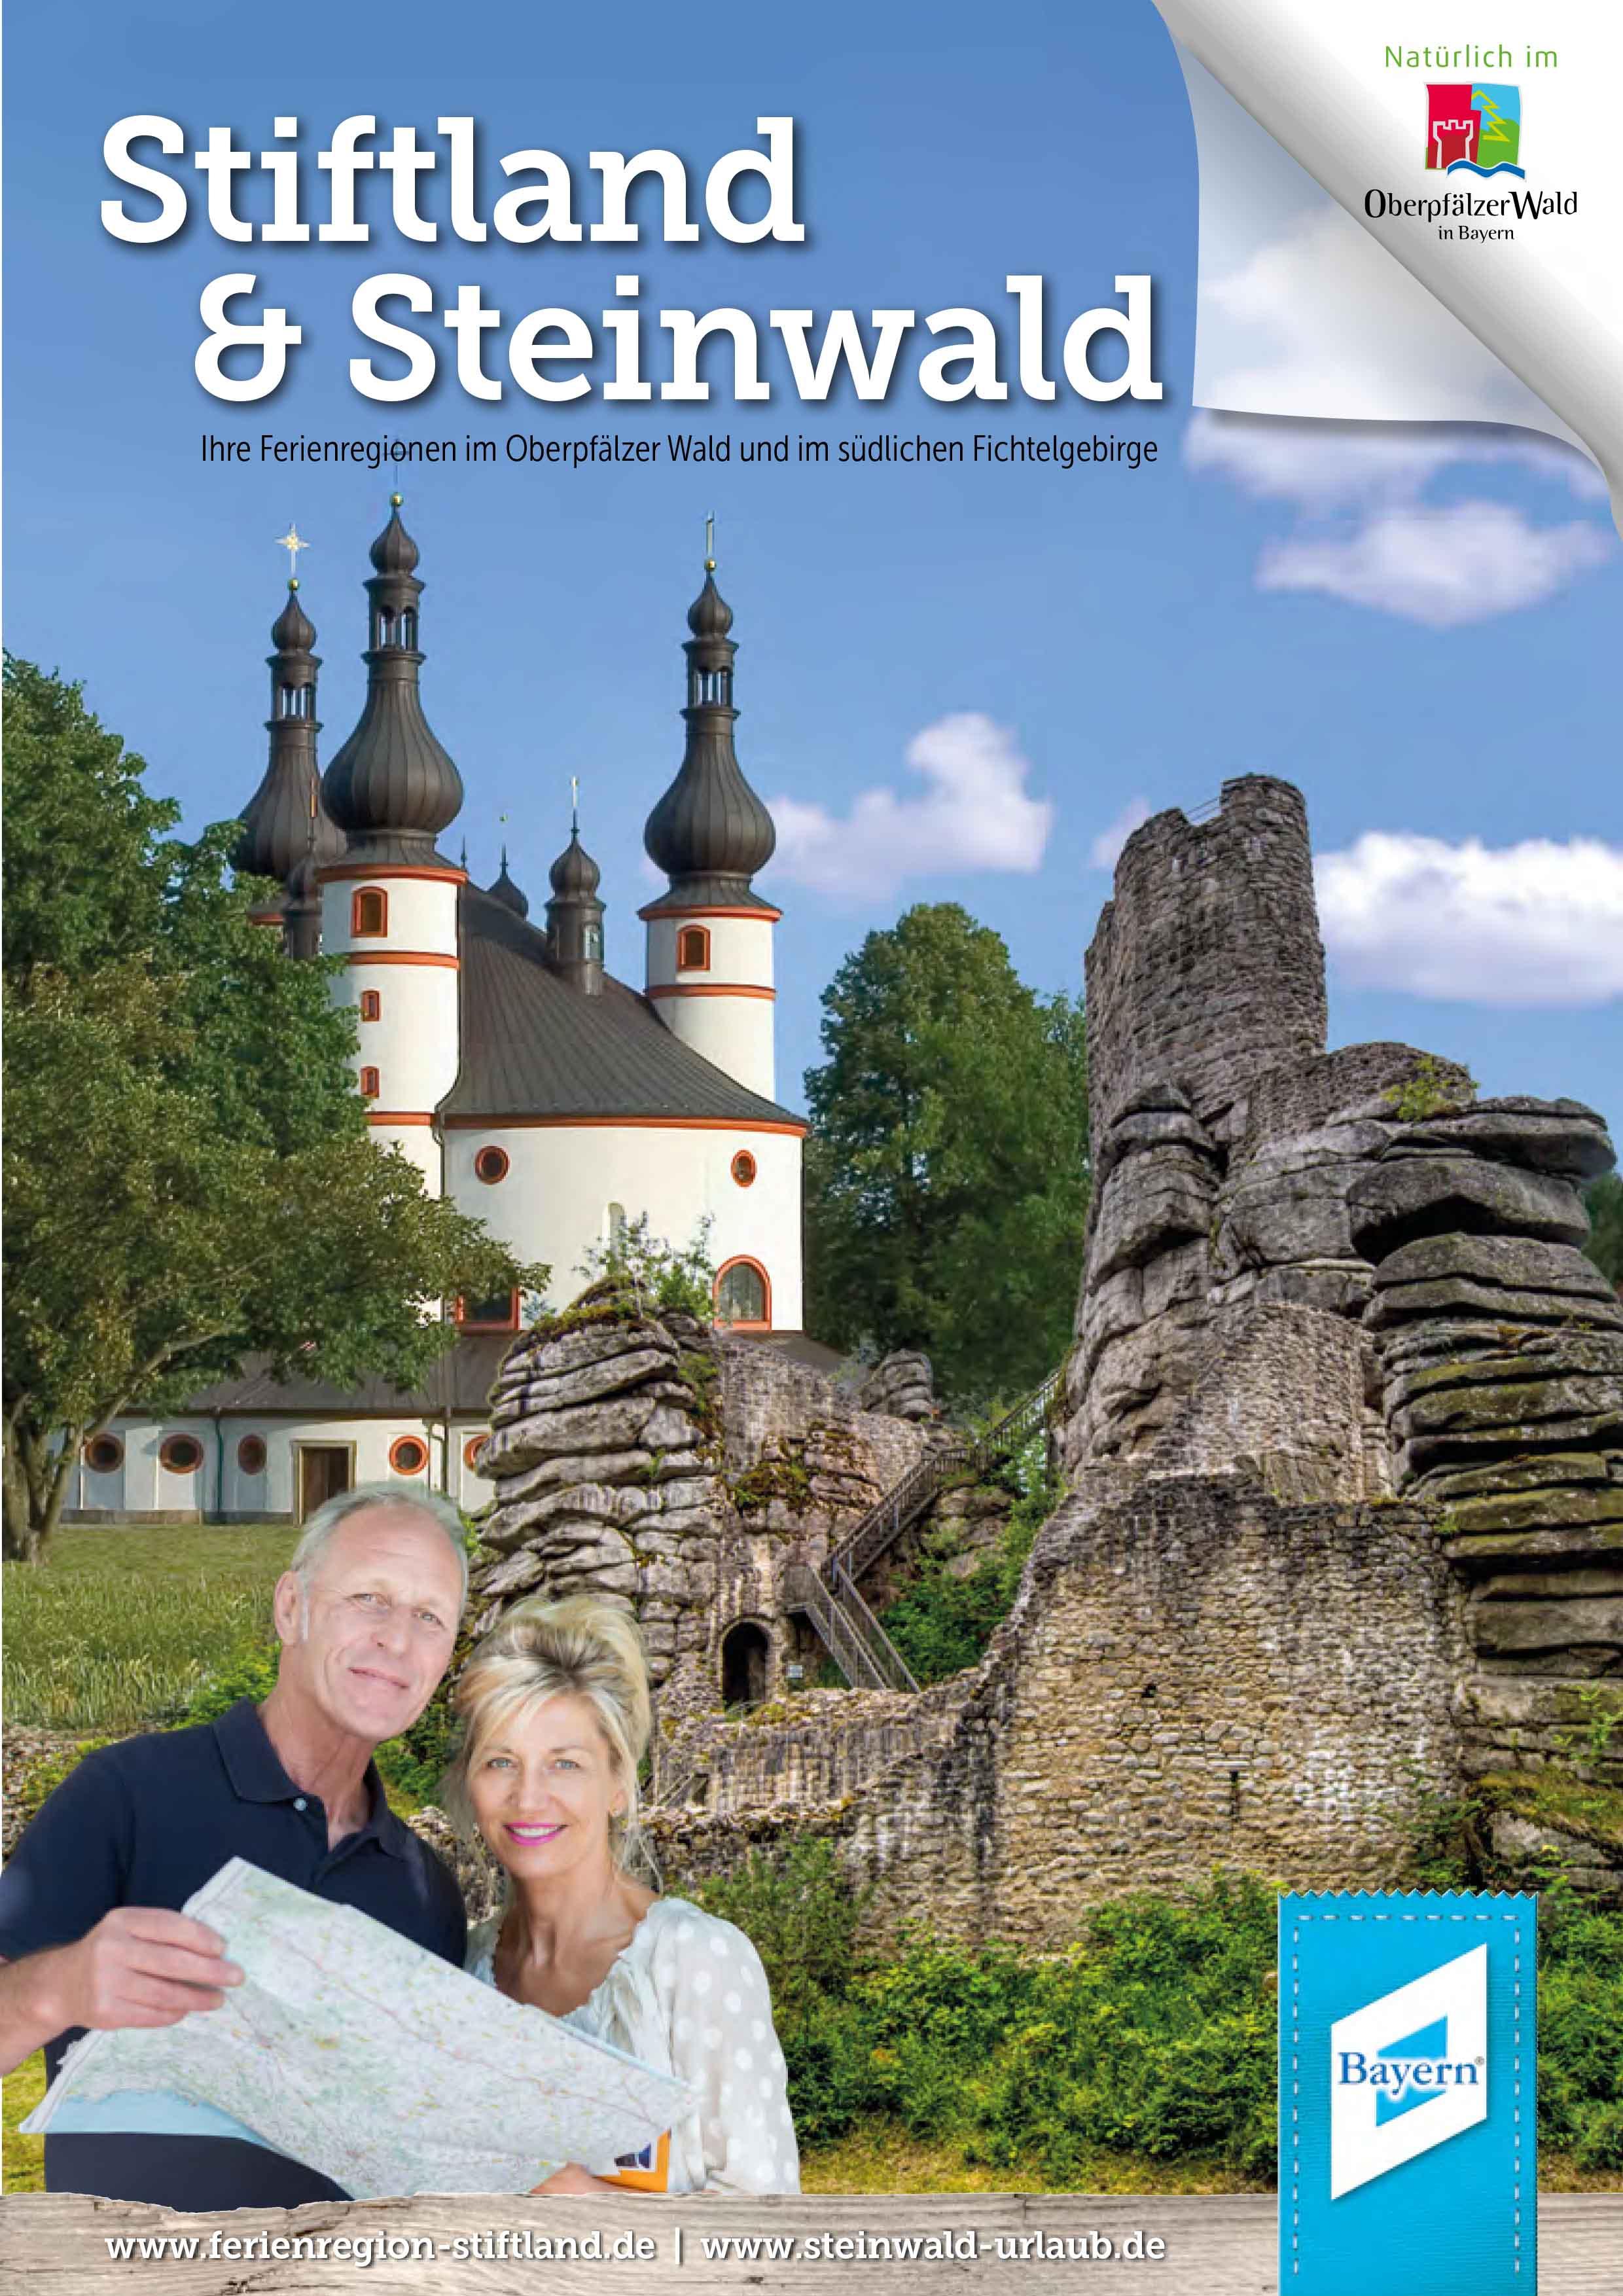 180418 Stiftland_Steinwald Prospekt-1